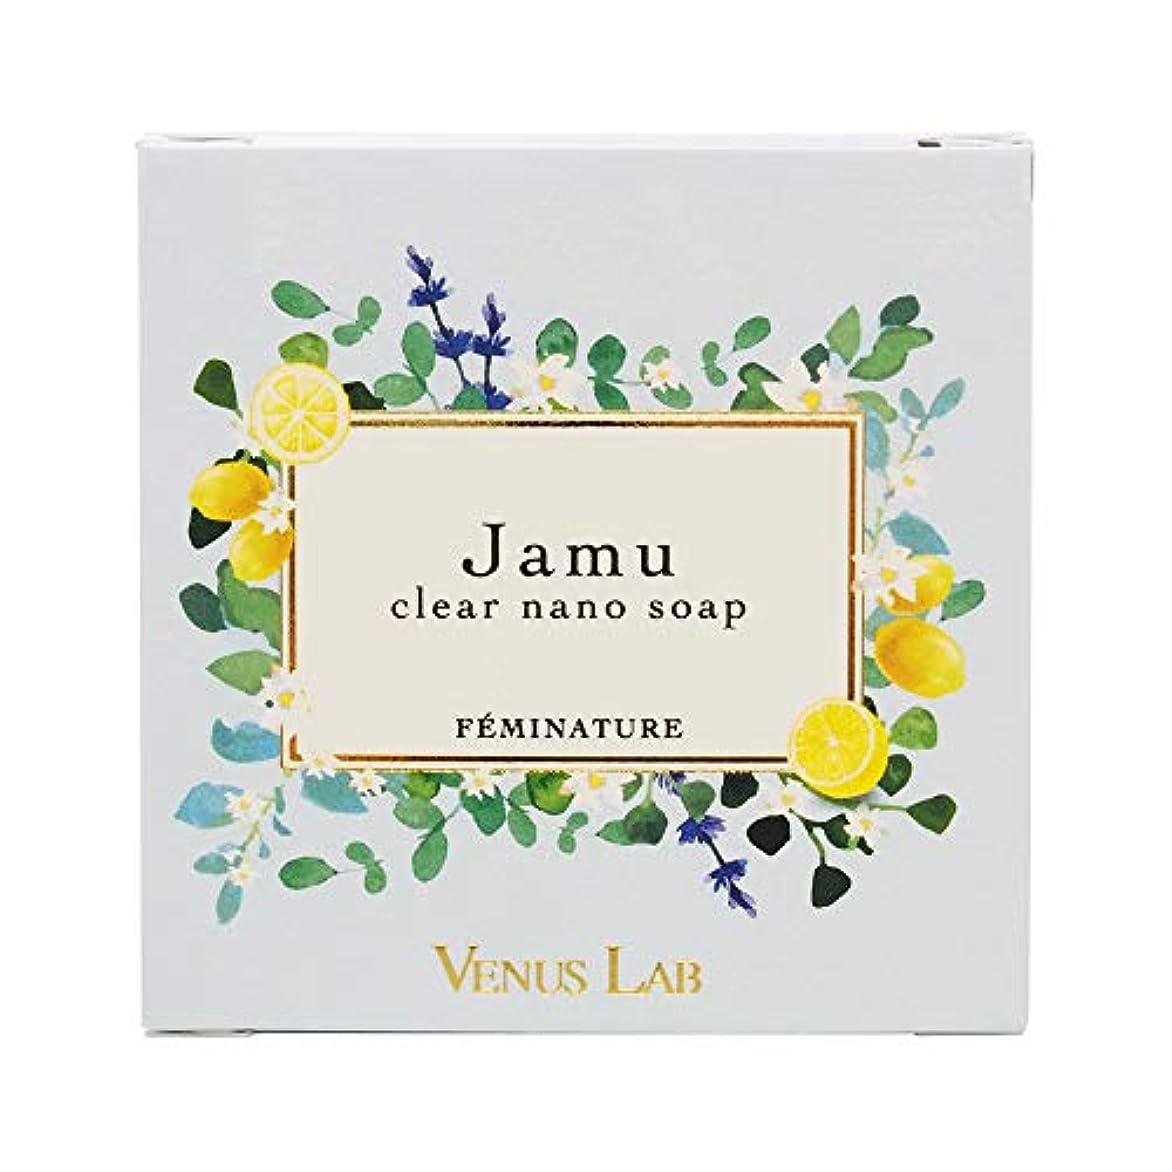 同封する来て失望させるヴィーナスラボ フェミナチュール ジャムウクリアナノソープ 石鹸 レモングラスの香り 100g